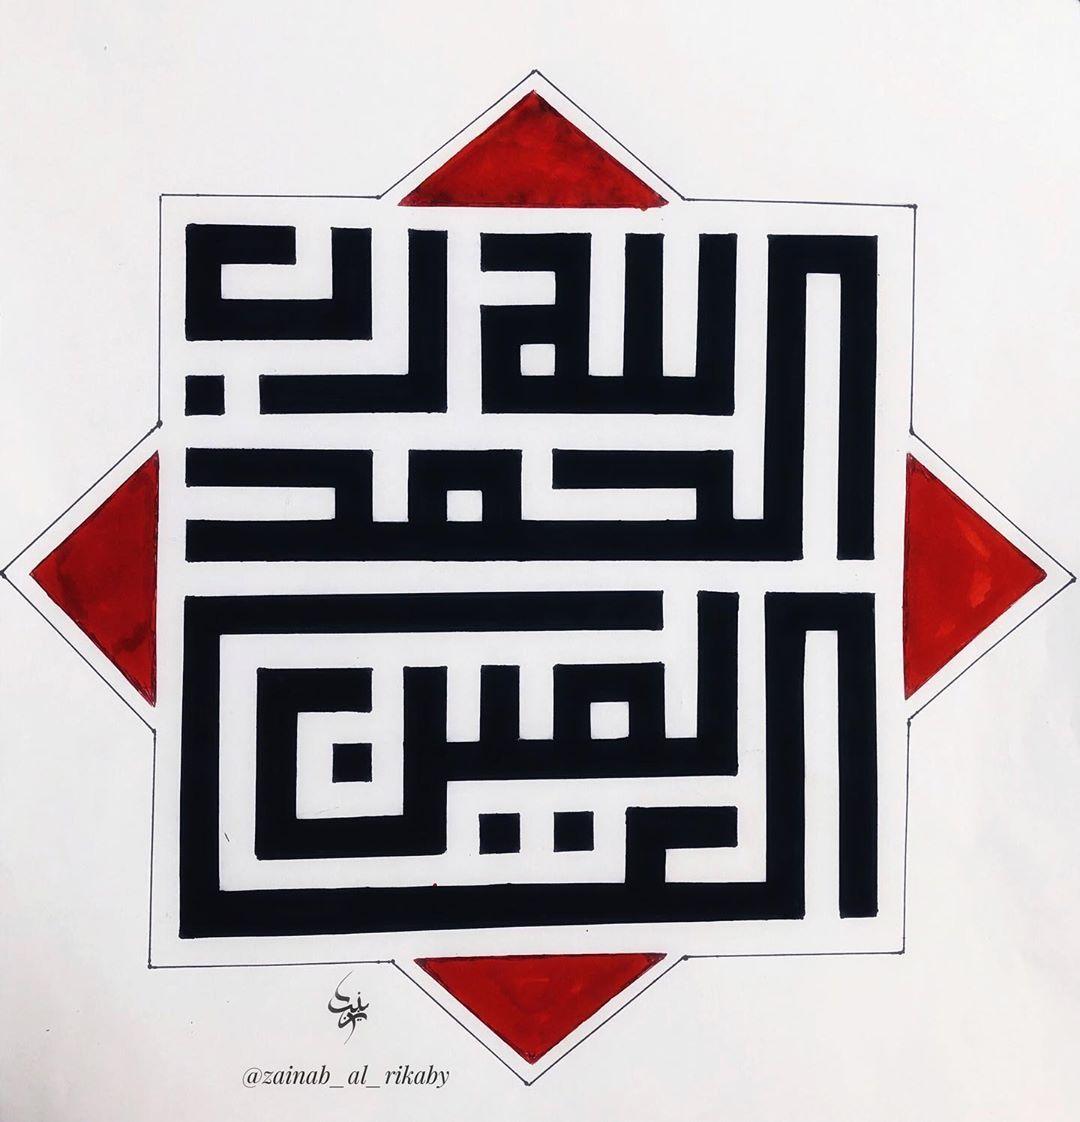 الحمد لله رب العالمين كوفي مربع التجربة الأولى خطاطة مبتدئة خطاطين الإنستقرام خطاطون بلا حدود خطاطون عرب